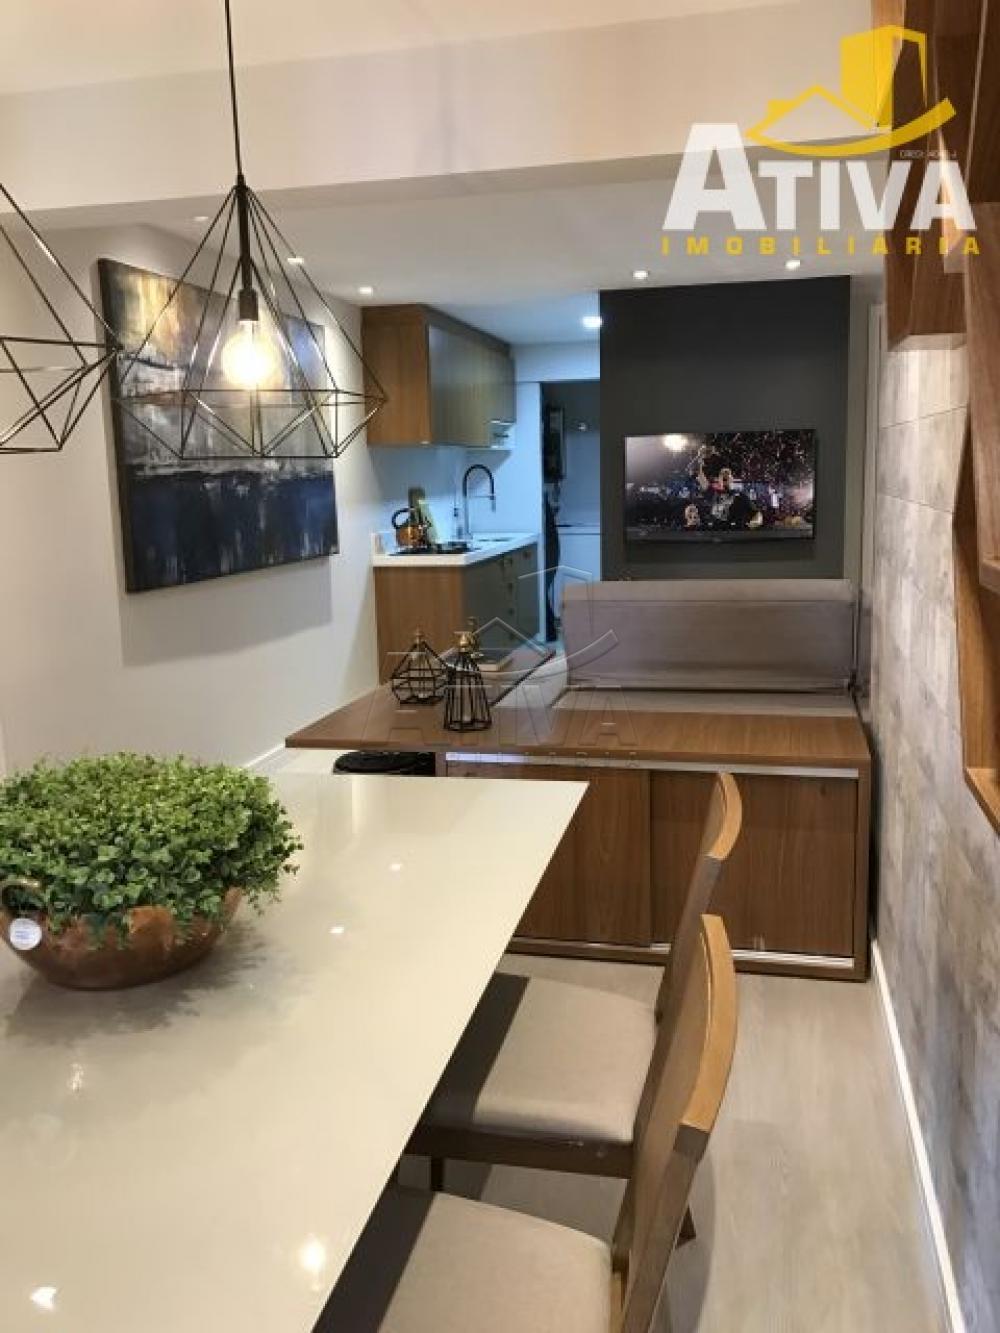 Comprar Apartamento / Padrão em Toledo apenas R$ 650.000,00 - Foto 6